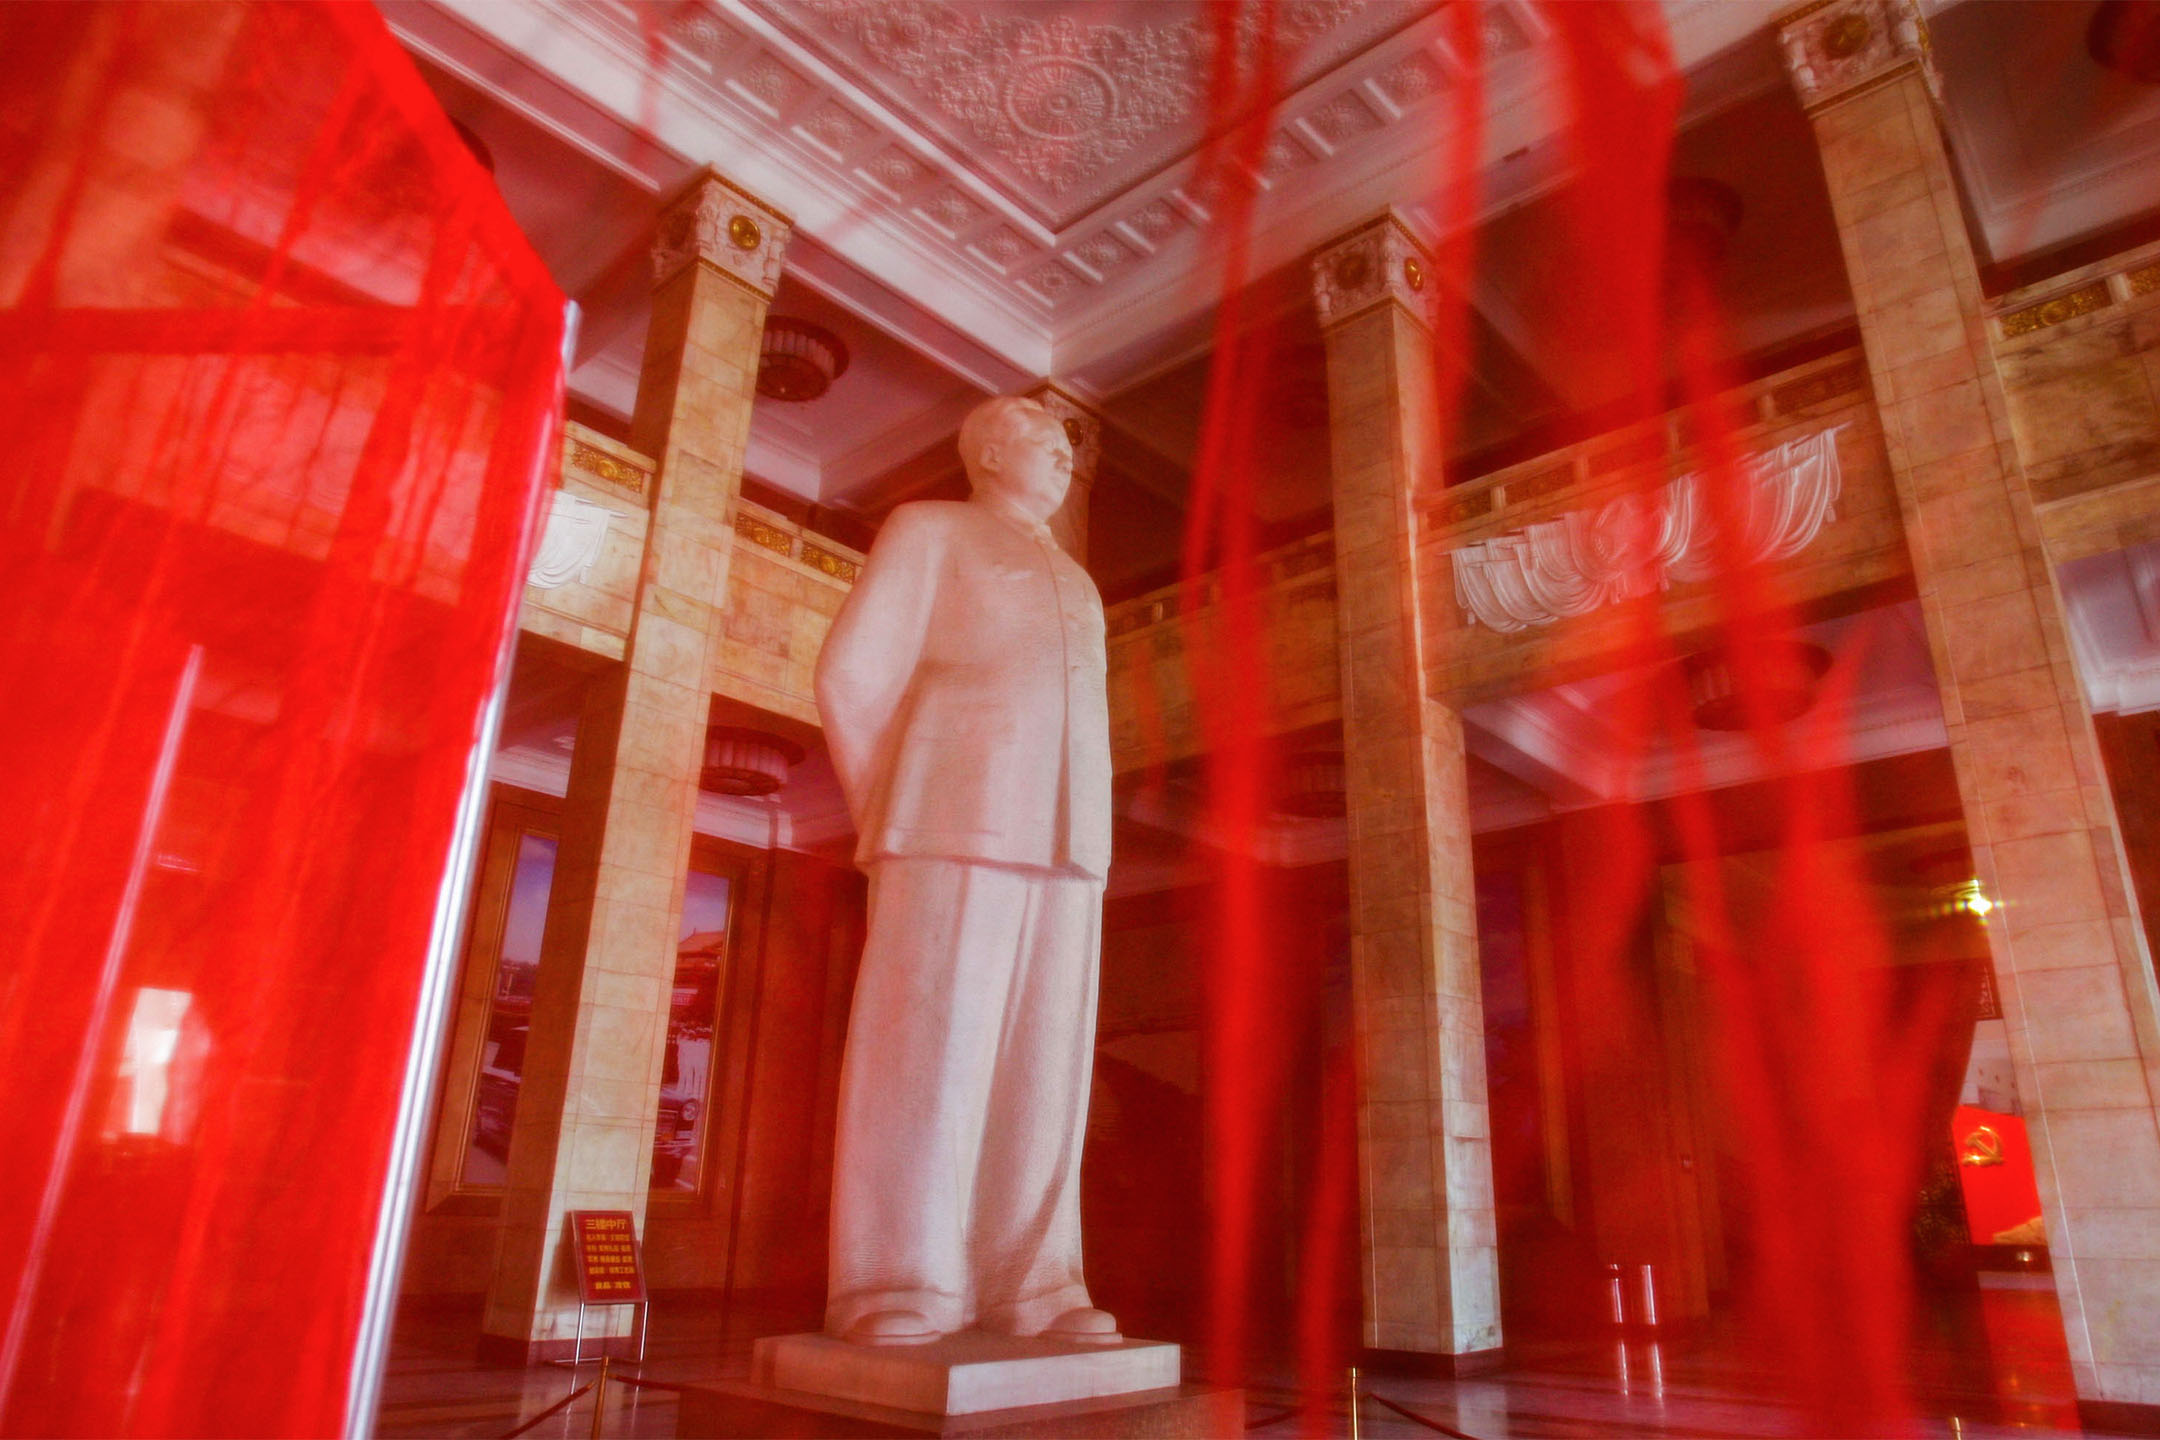 2005年3月24日北京,前中國領導人毛澤東的雕像在紅色紗布後面。